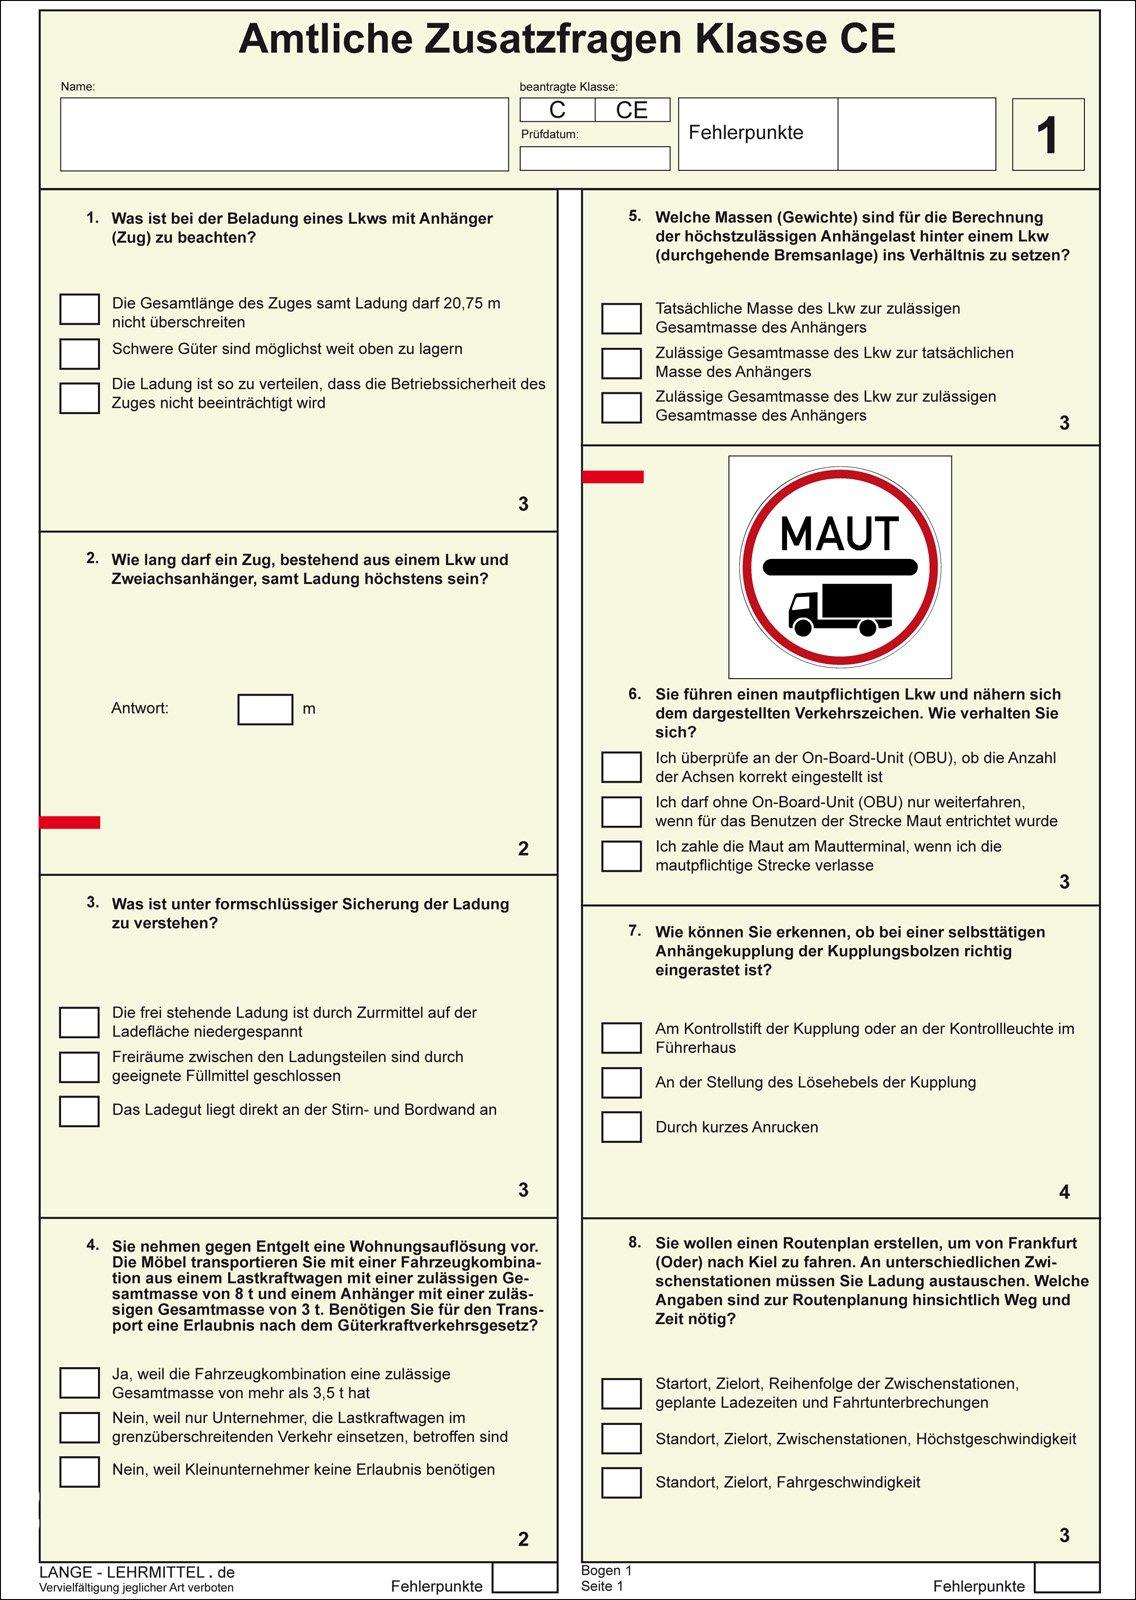 Großartig 7 Wege Bis 4 Wege Anhängerverkabelung Ideen - Schaltplan ...